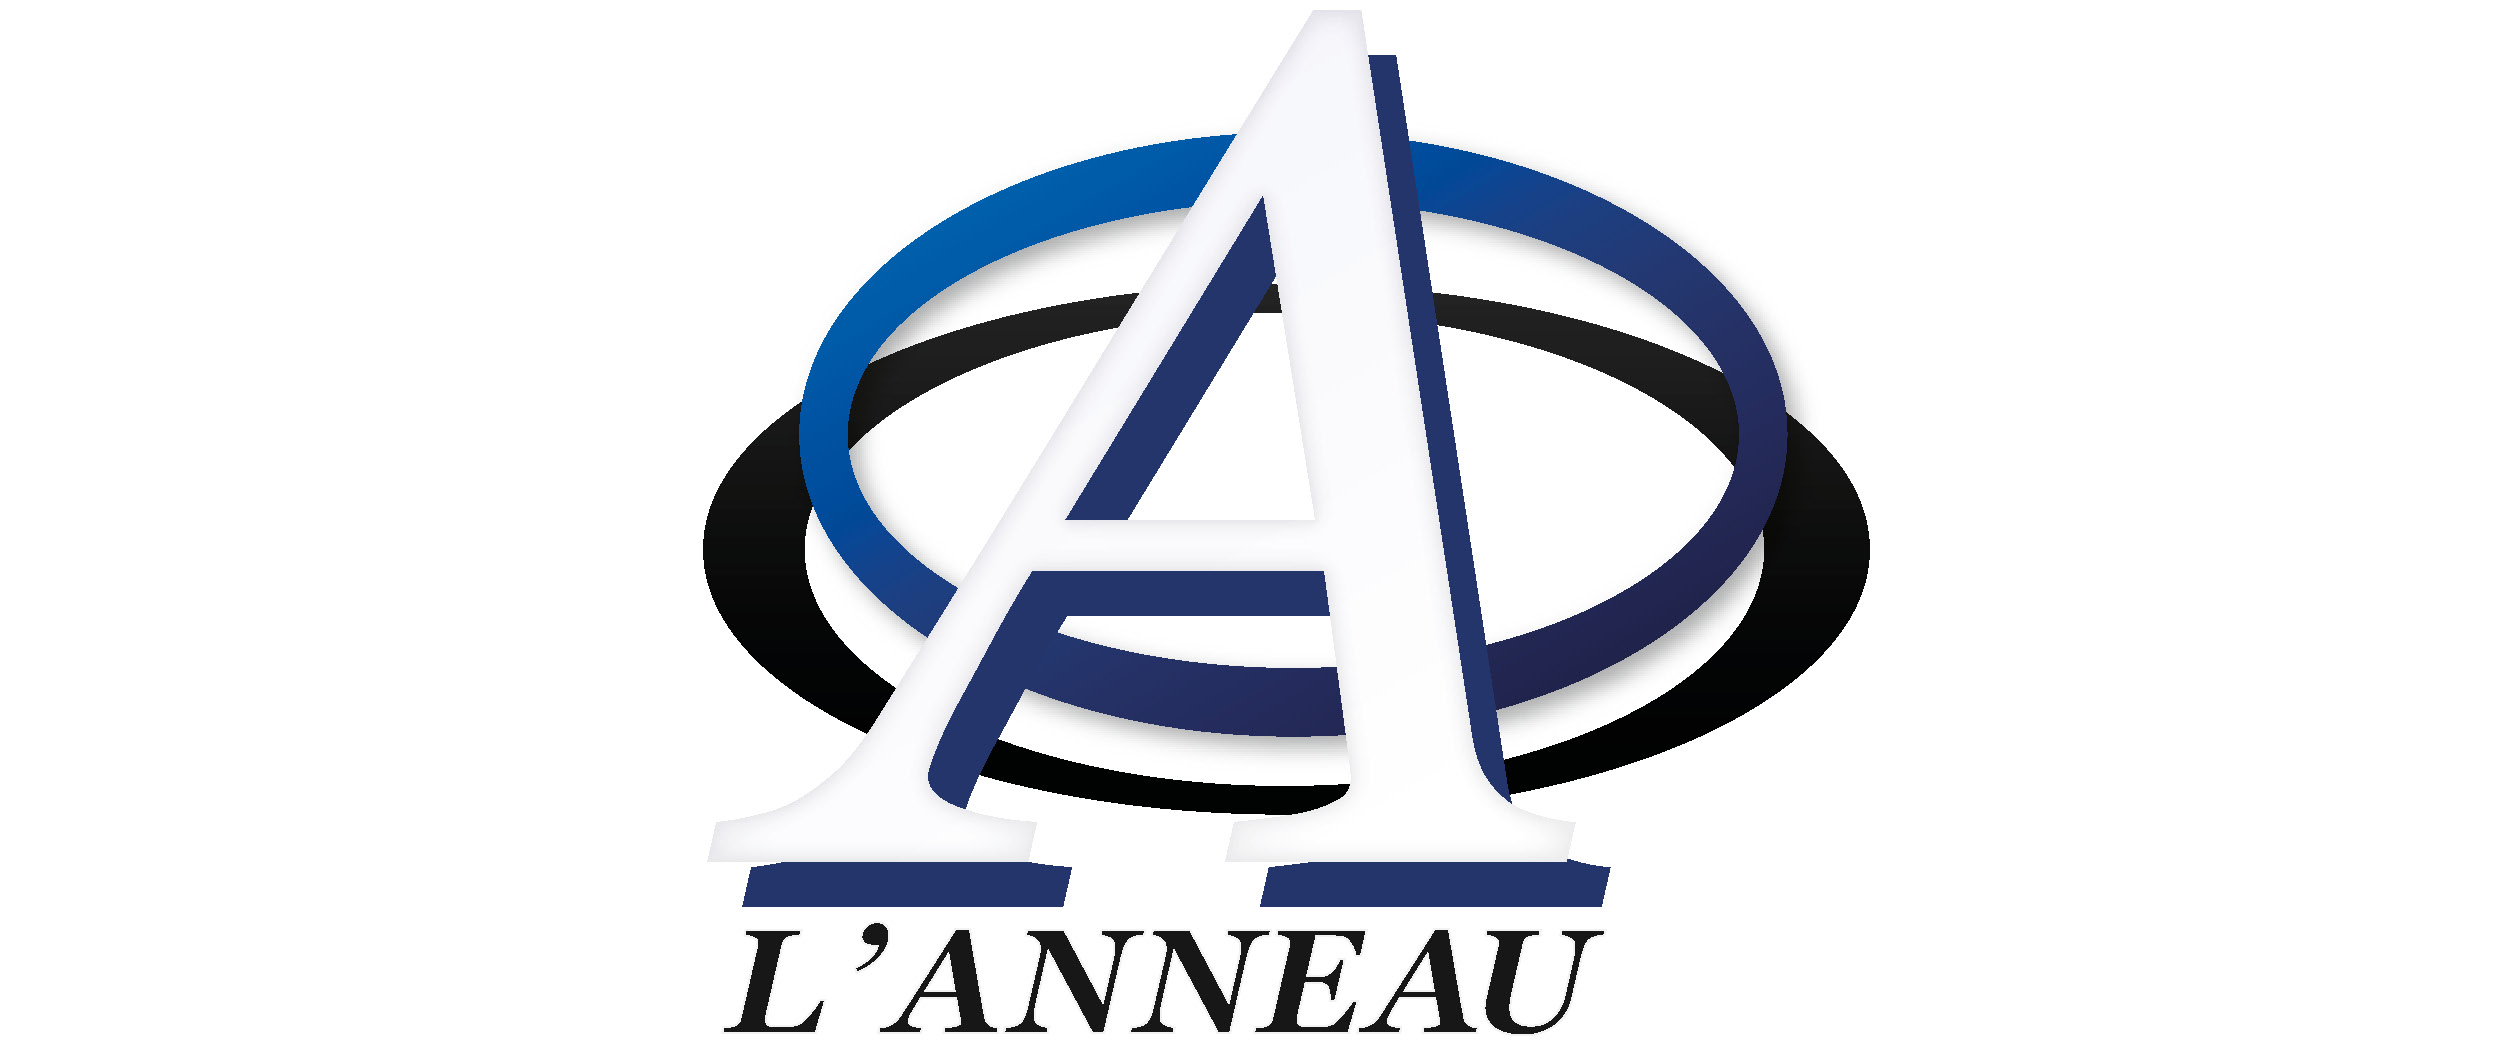 Lanneau